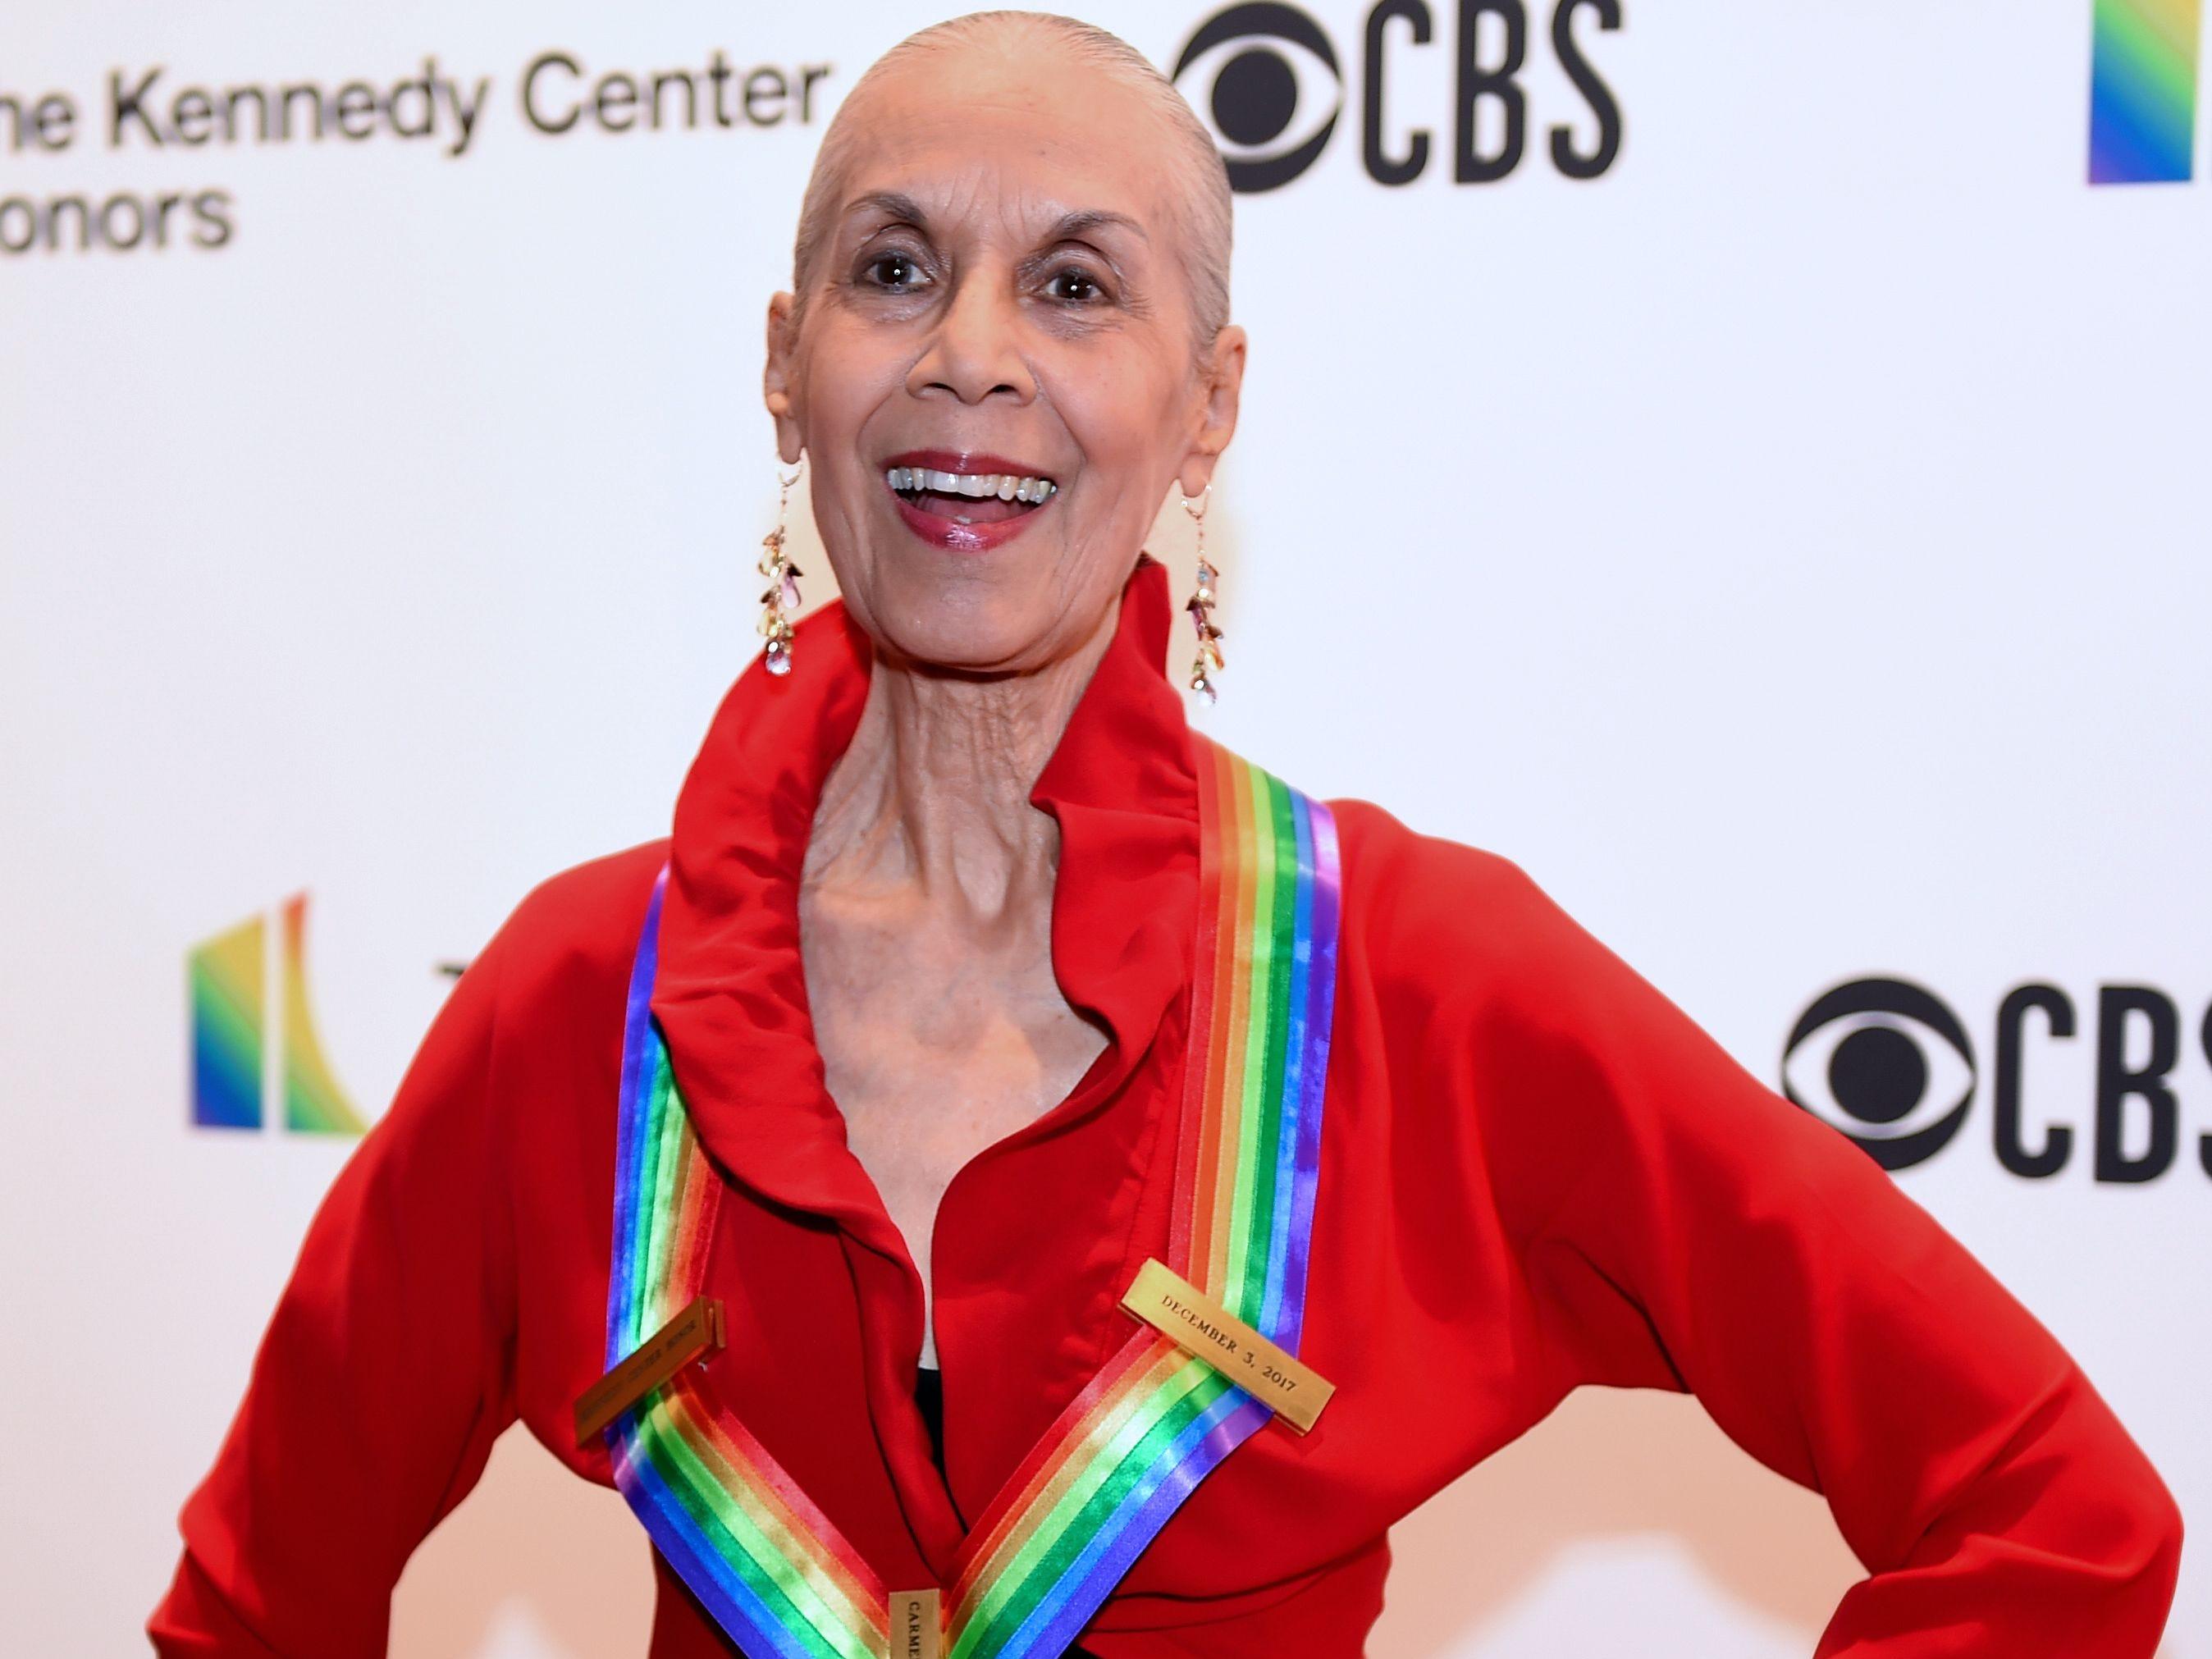 Actress/dancer Carmen de Lavallade, a 2017 Kennedy Center Honors recipient.